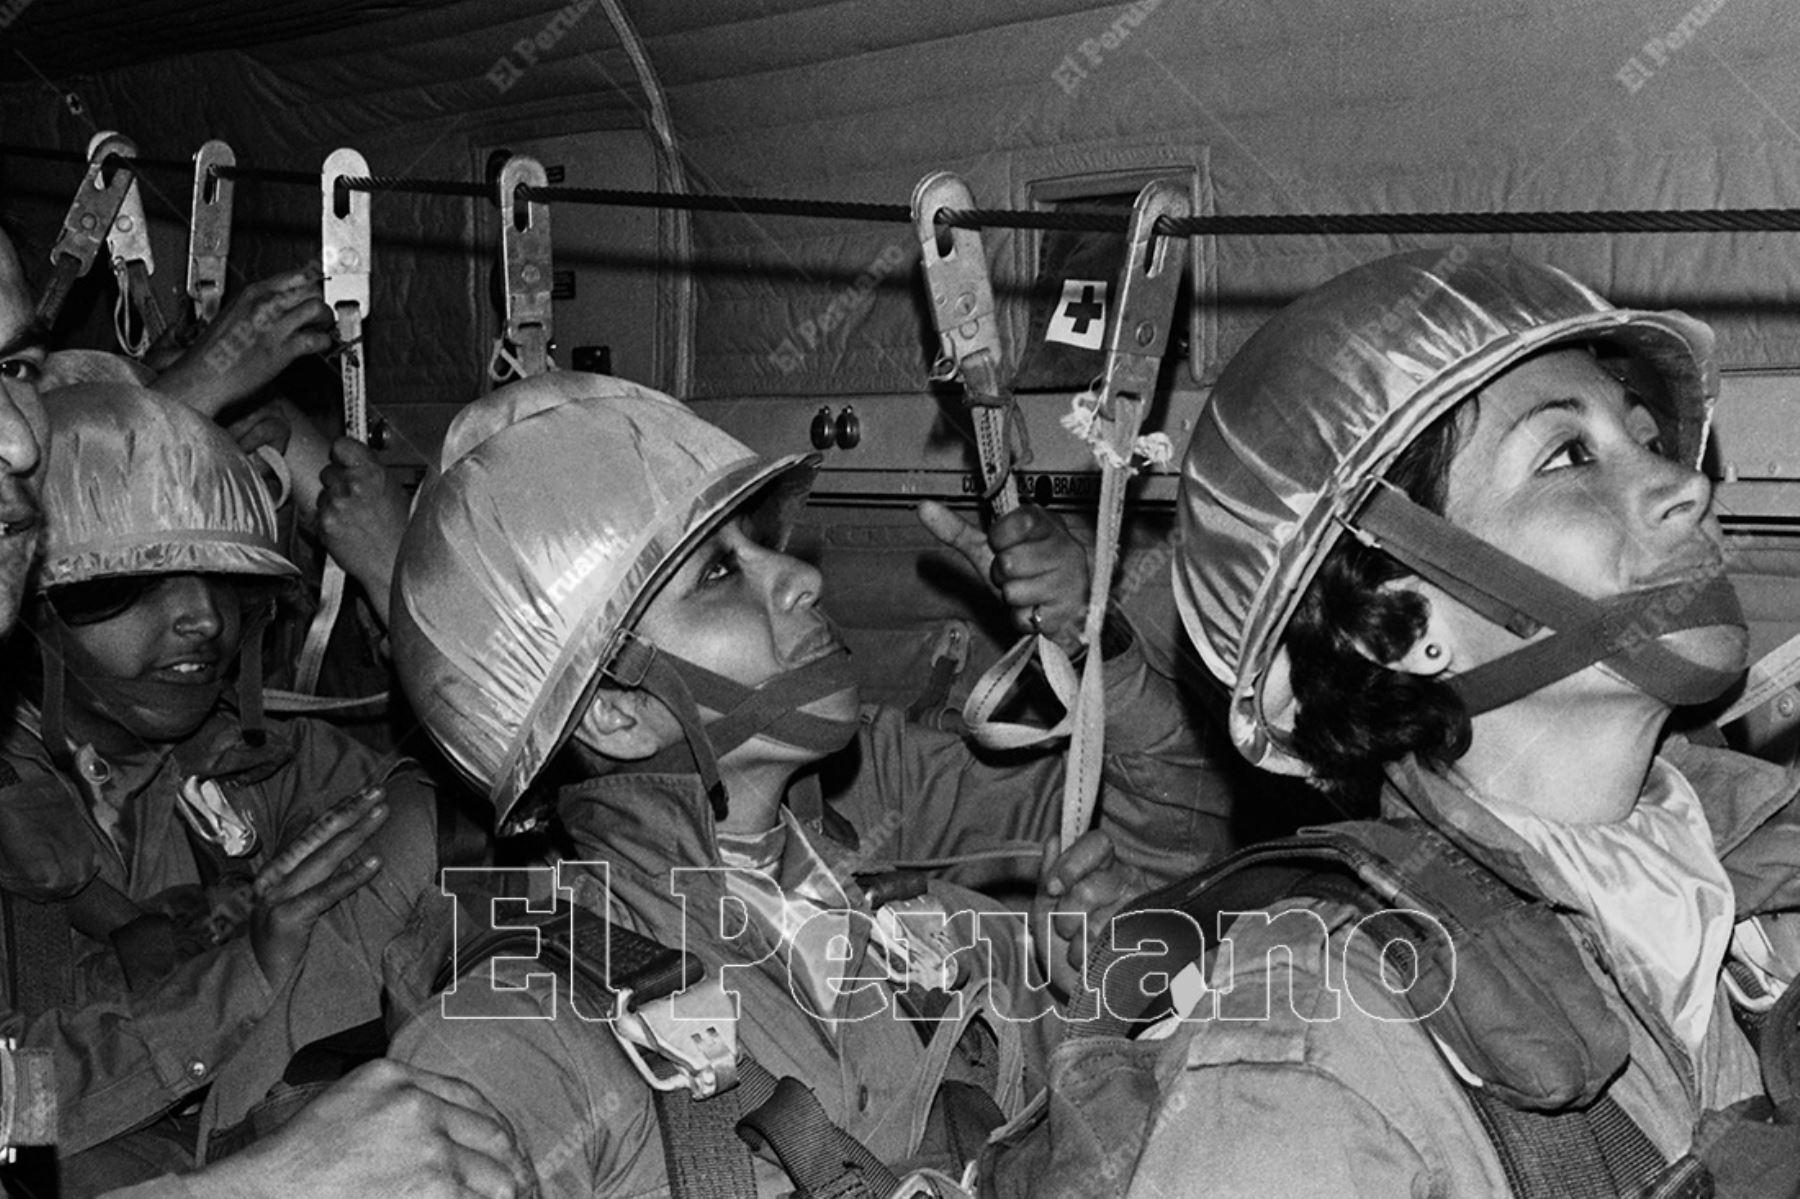 """Lima - 23 setiembre 1975. A la voz de """"¡Enganchen!"""" todas fueron desapareciendo por la rampa de la cola del avión. Era el segundo salto de la primera promoción femenina de la Escuela de Paracaidistas del Ejército. Foto: Archivo Histórico de El Peruano"""